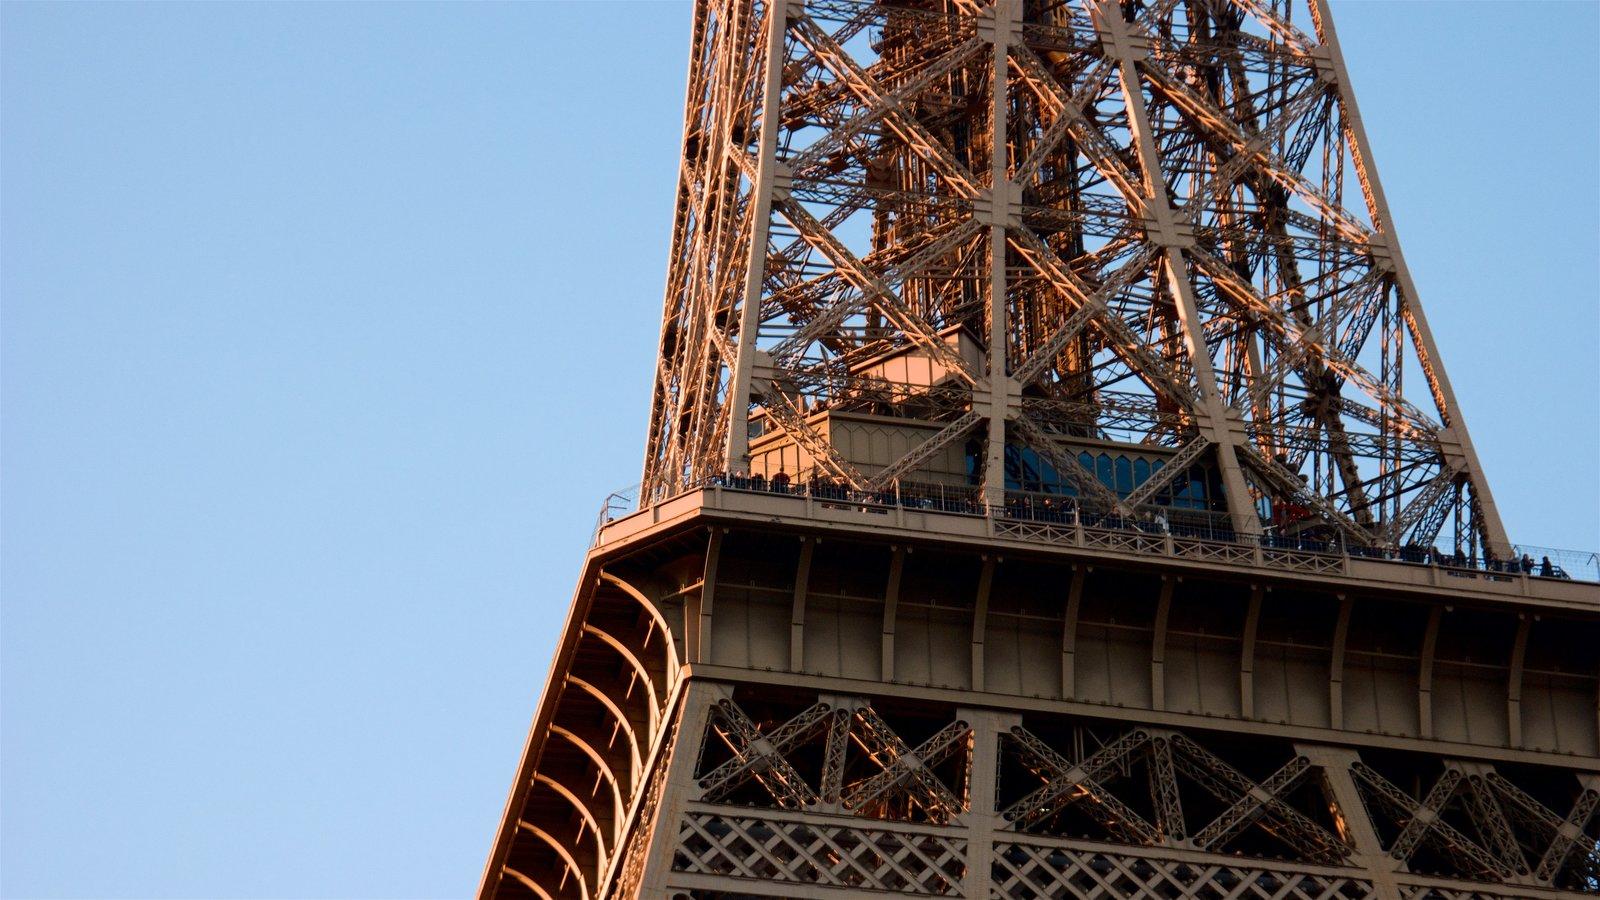 Torre Eiffel caracterizando um monumento e arquitetura de patrimônio